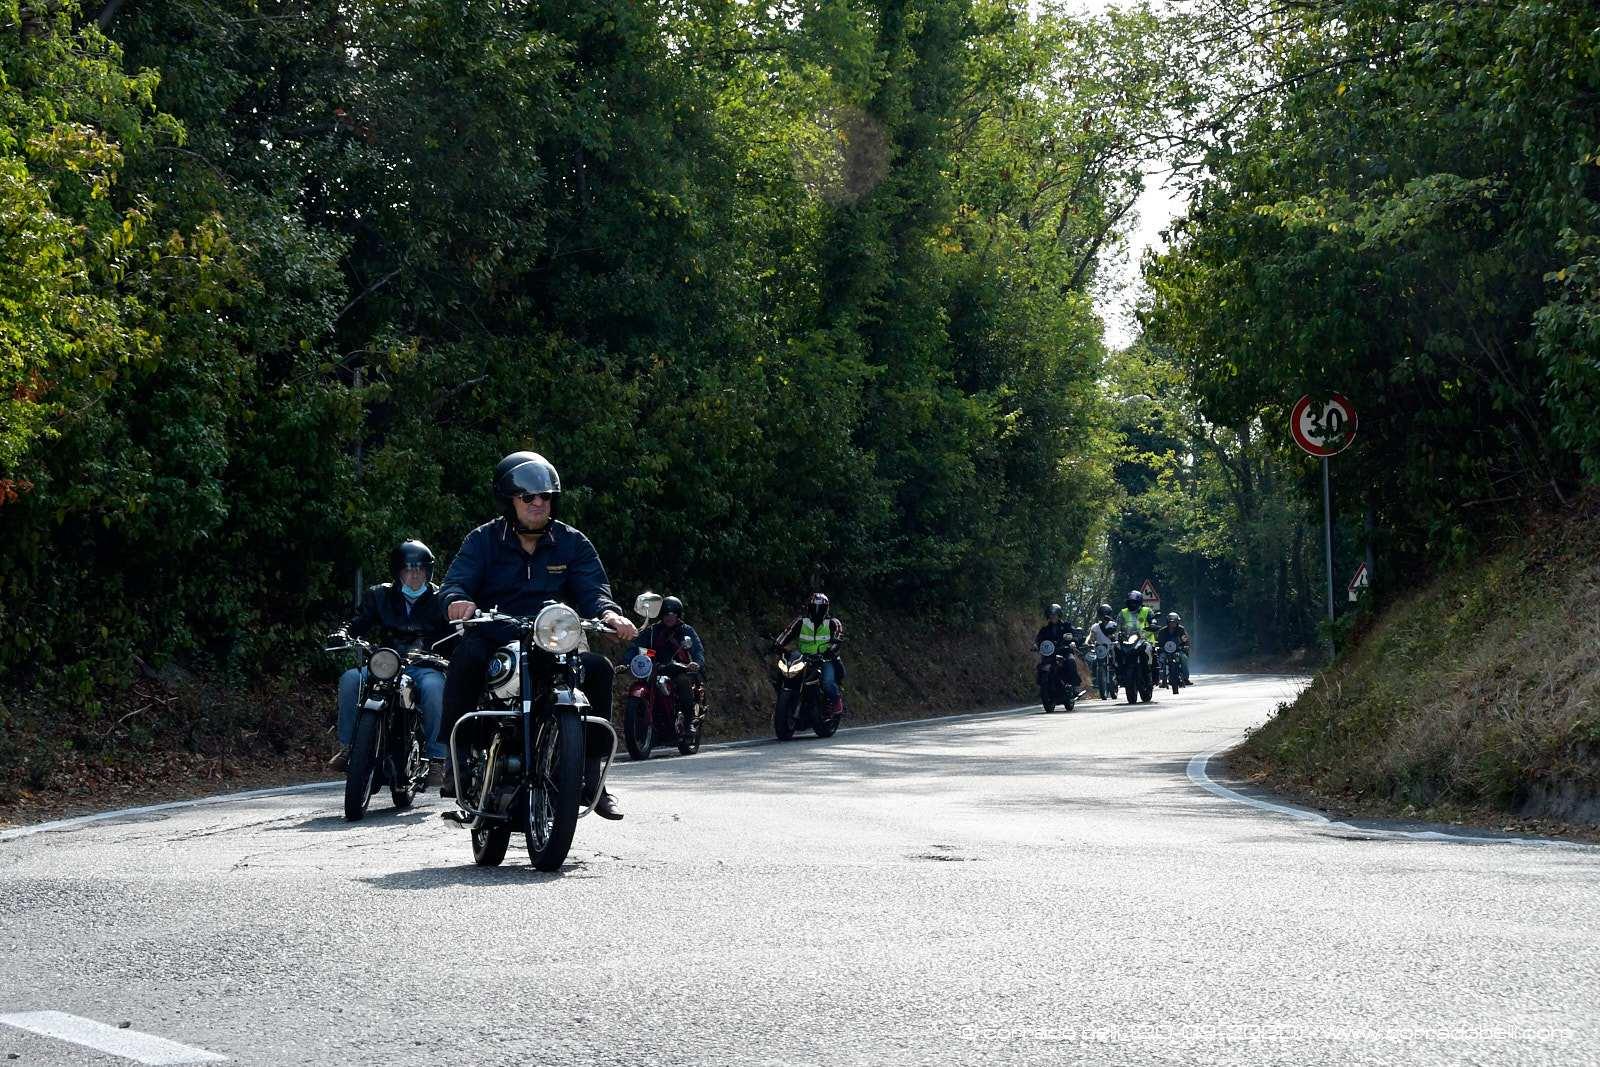 0130-La-Musica-della-moto_20-09-20